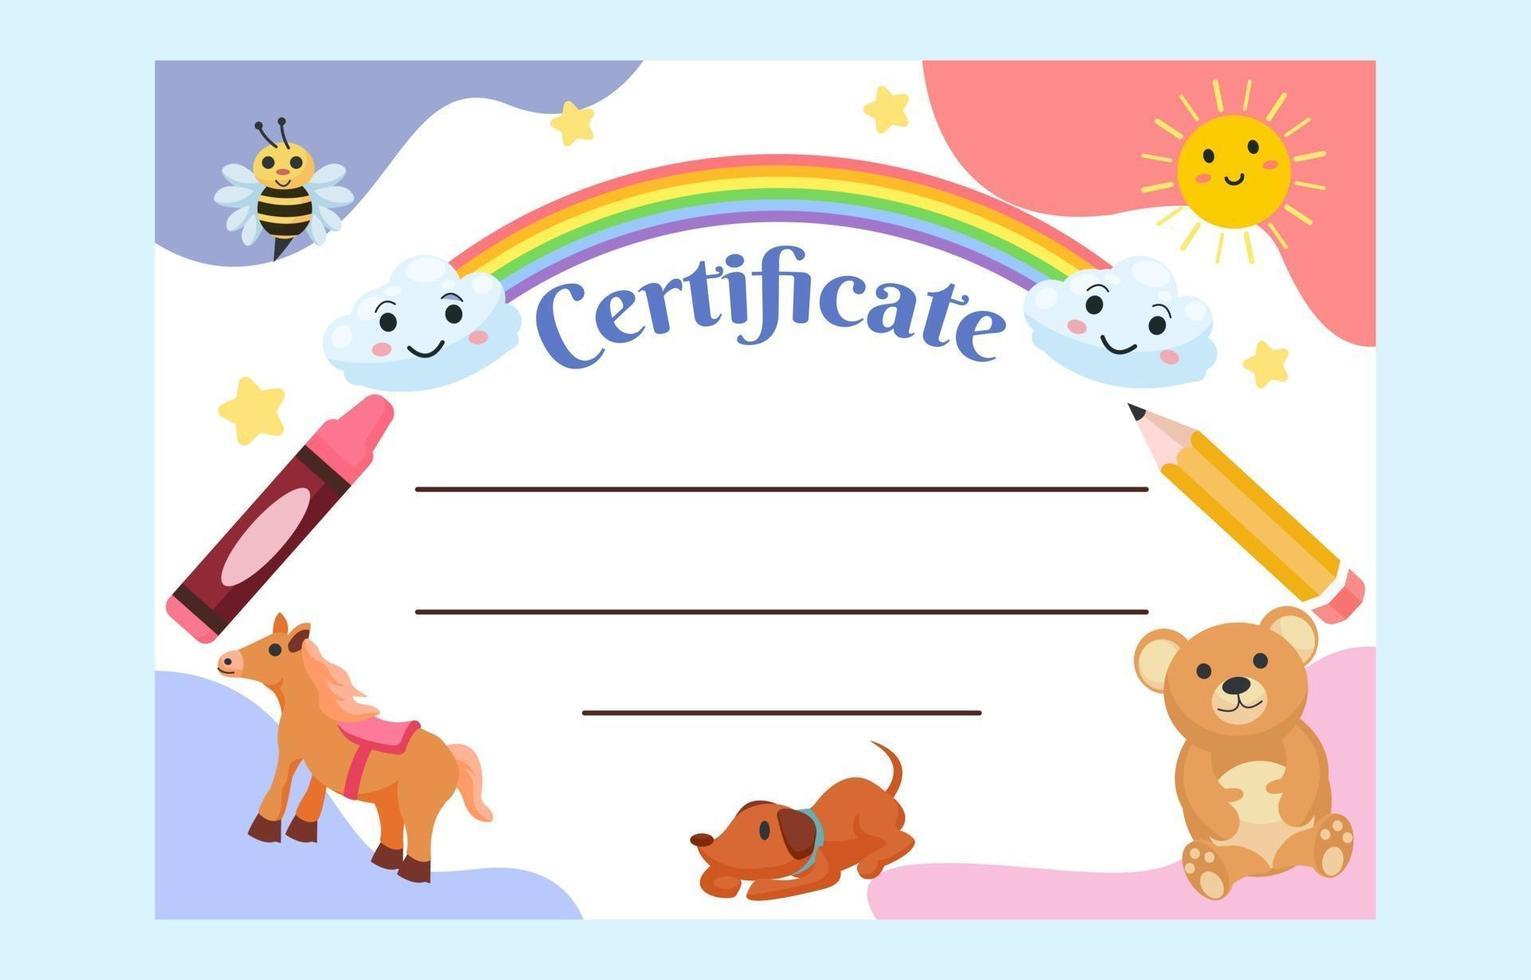 Kinder Zertifikat Vorlage mit niedlichen Zeichen vektor